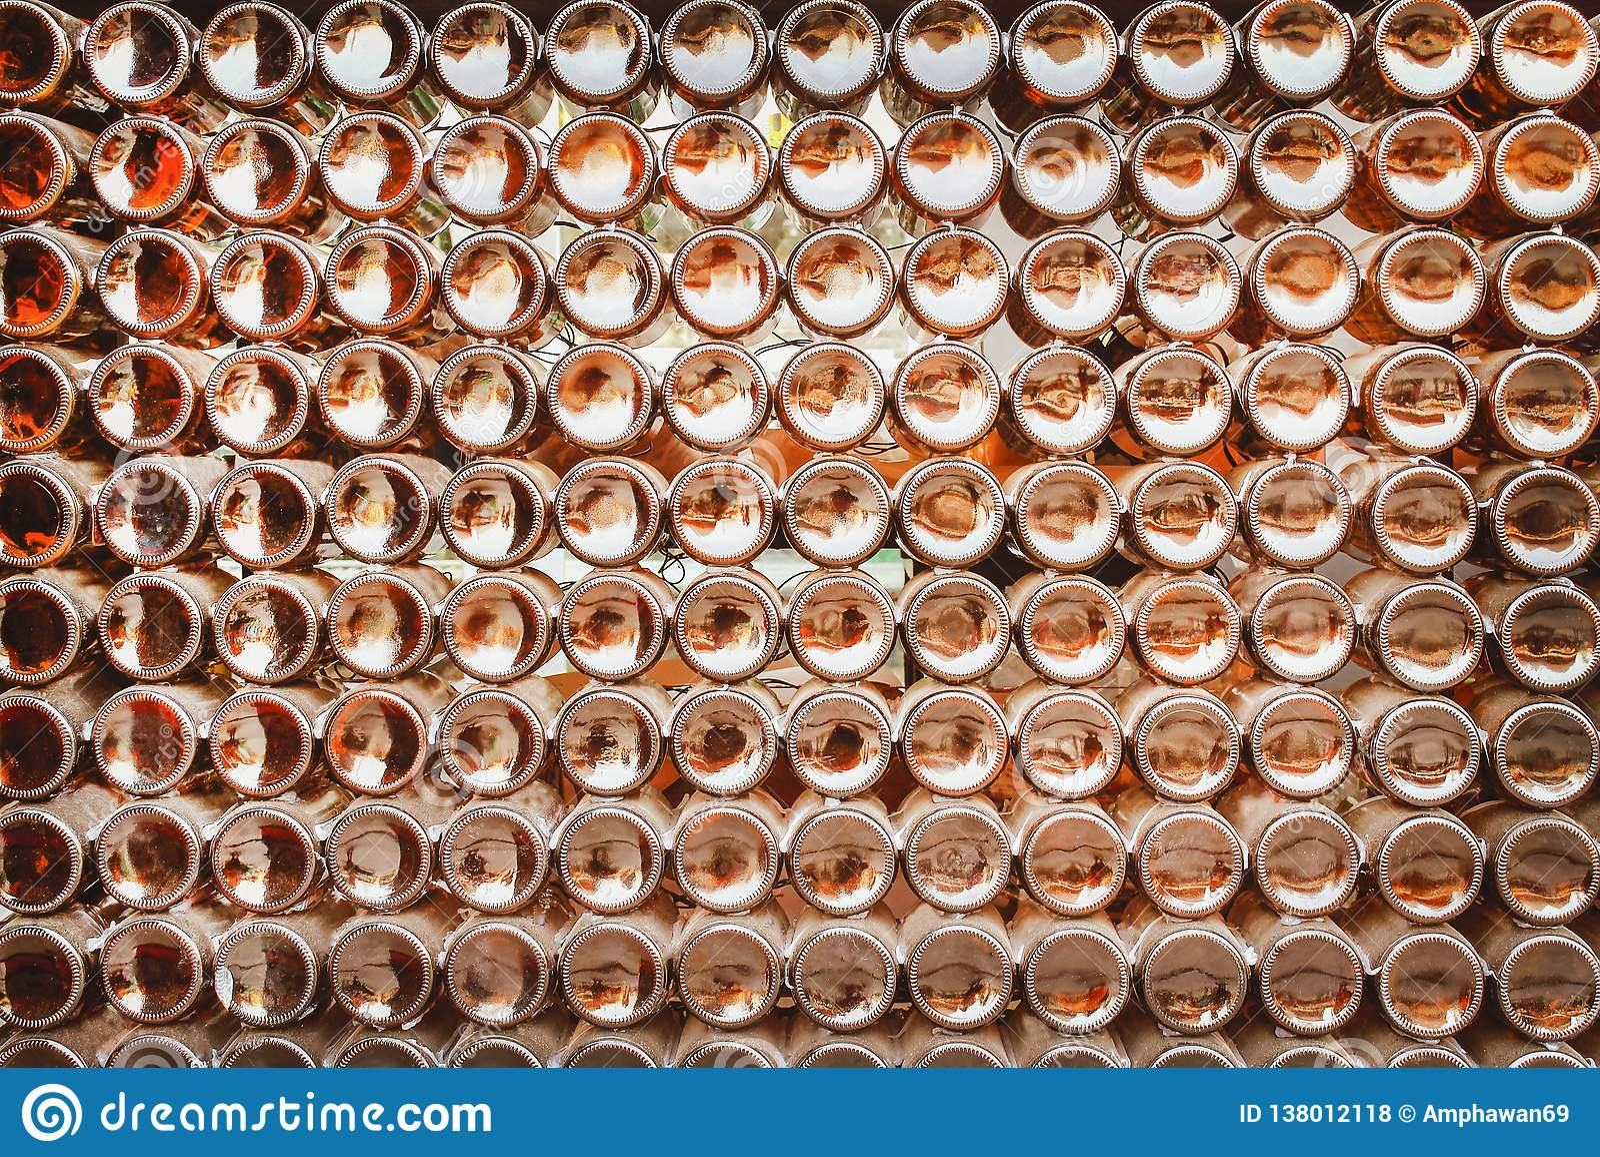 Τα κατώτατα σημεία των καφετιών μπουκαλιών μπύρας ομαδοποιούν τη σύσταση σχεδίων στην περίληψη τοίχων για το υπόβαθρο